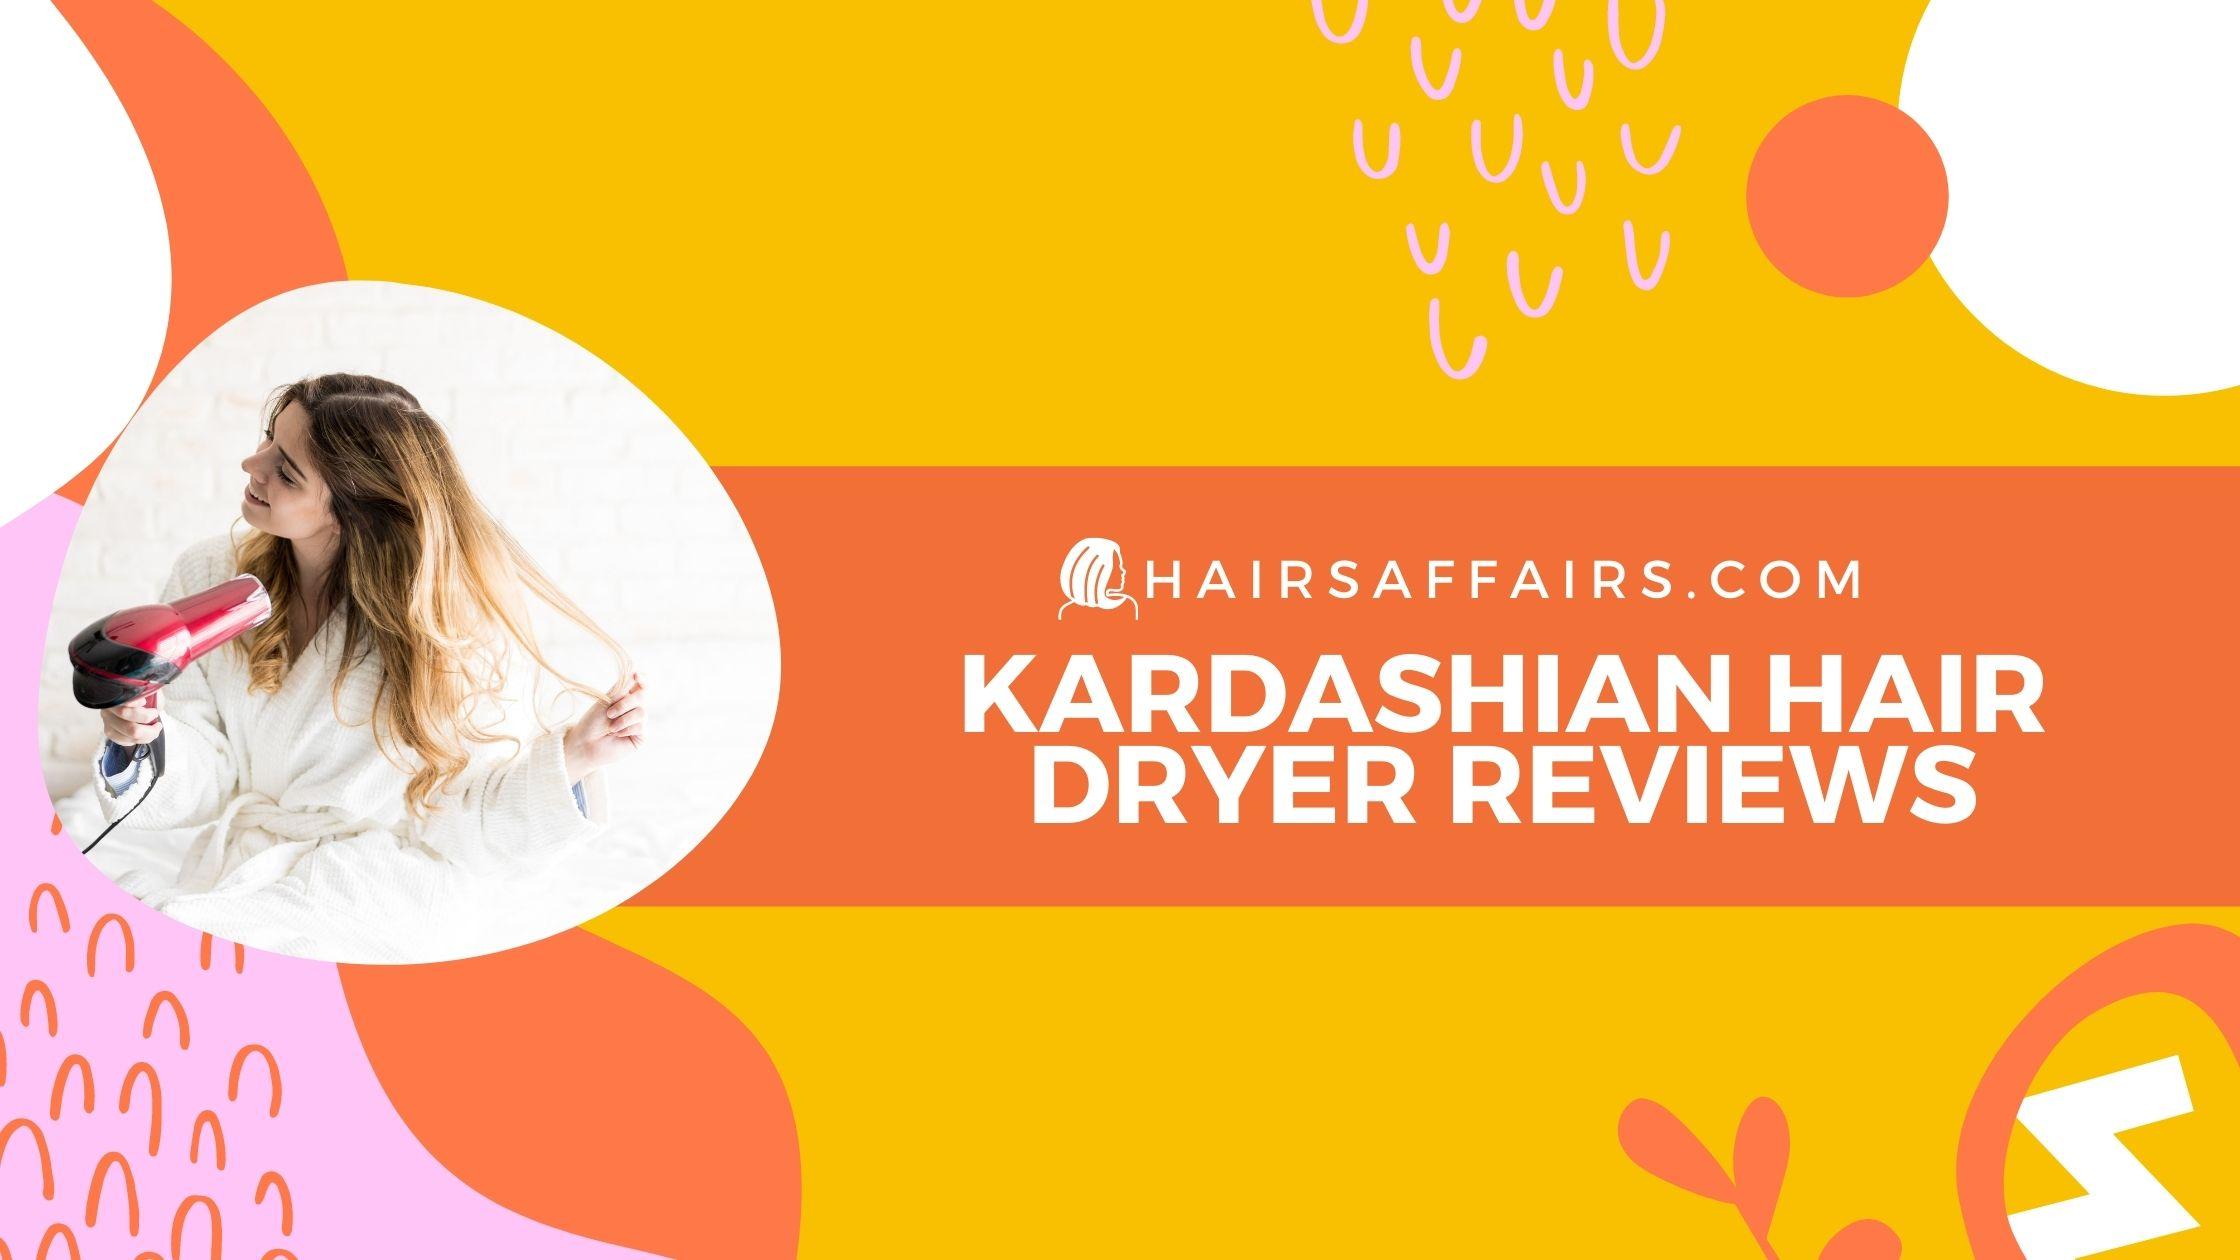 HA-Kardashian-Hair-Dryer-Reviews